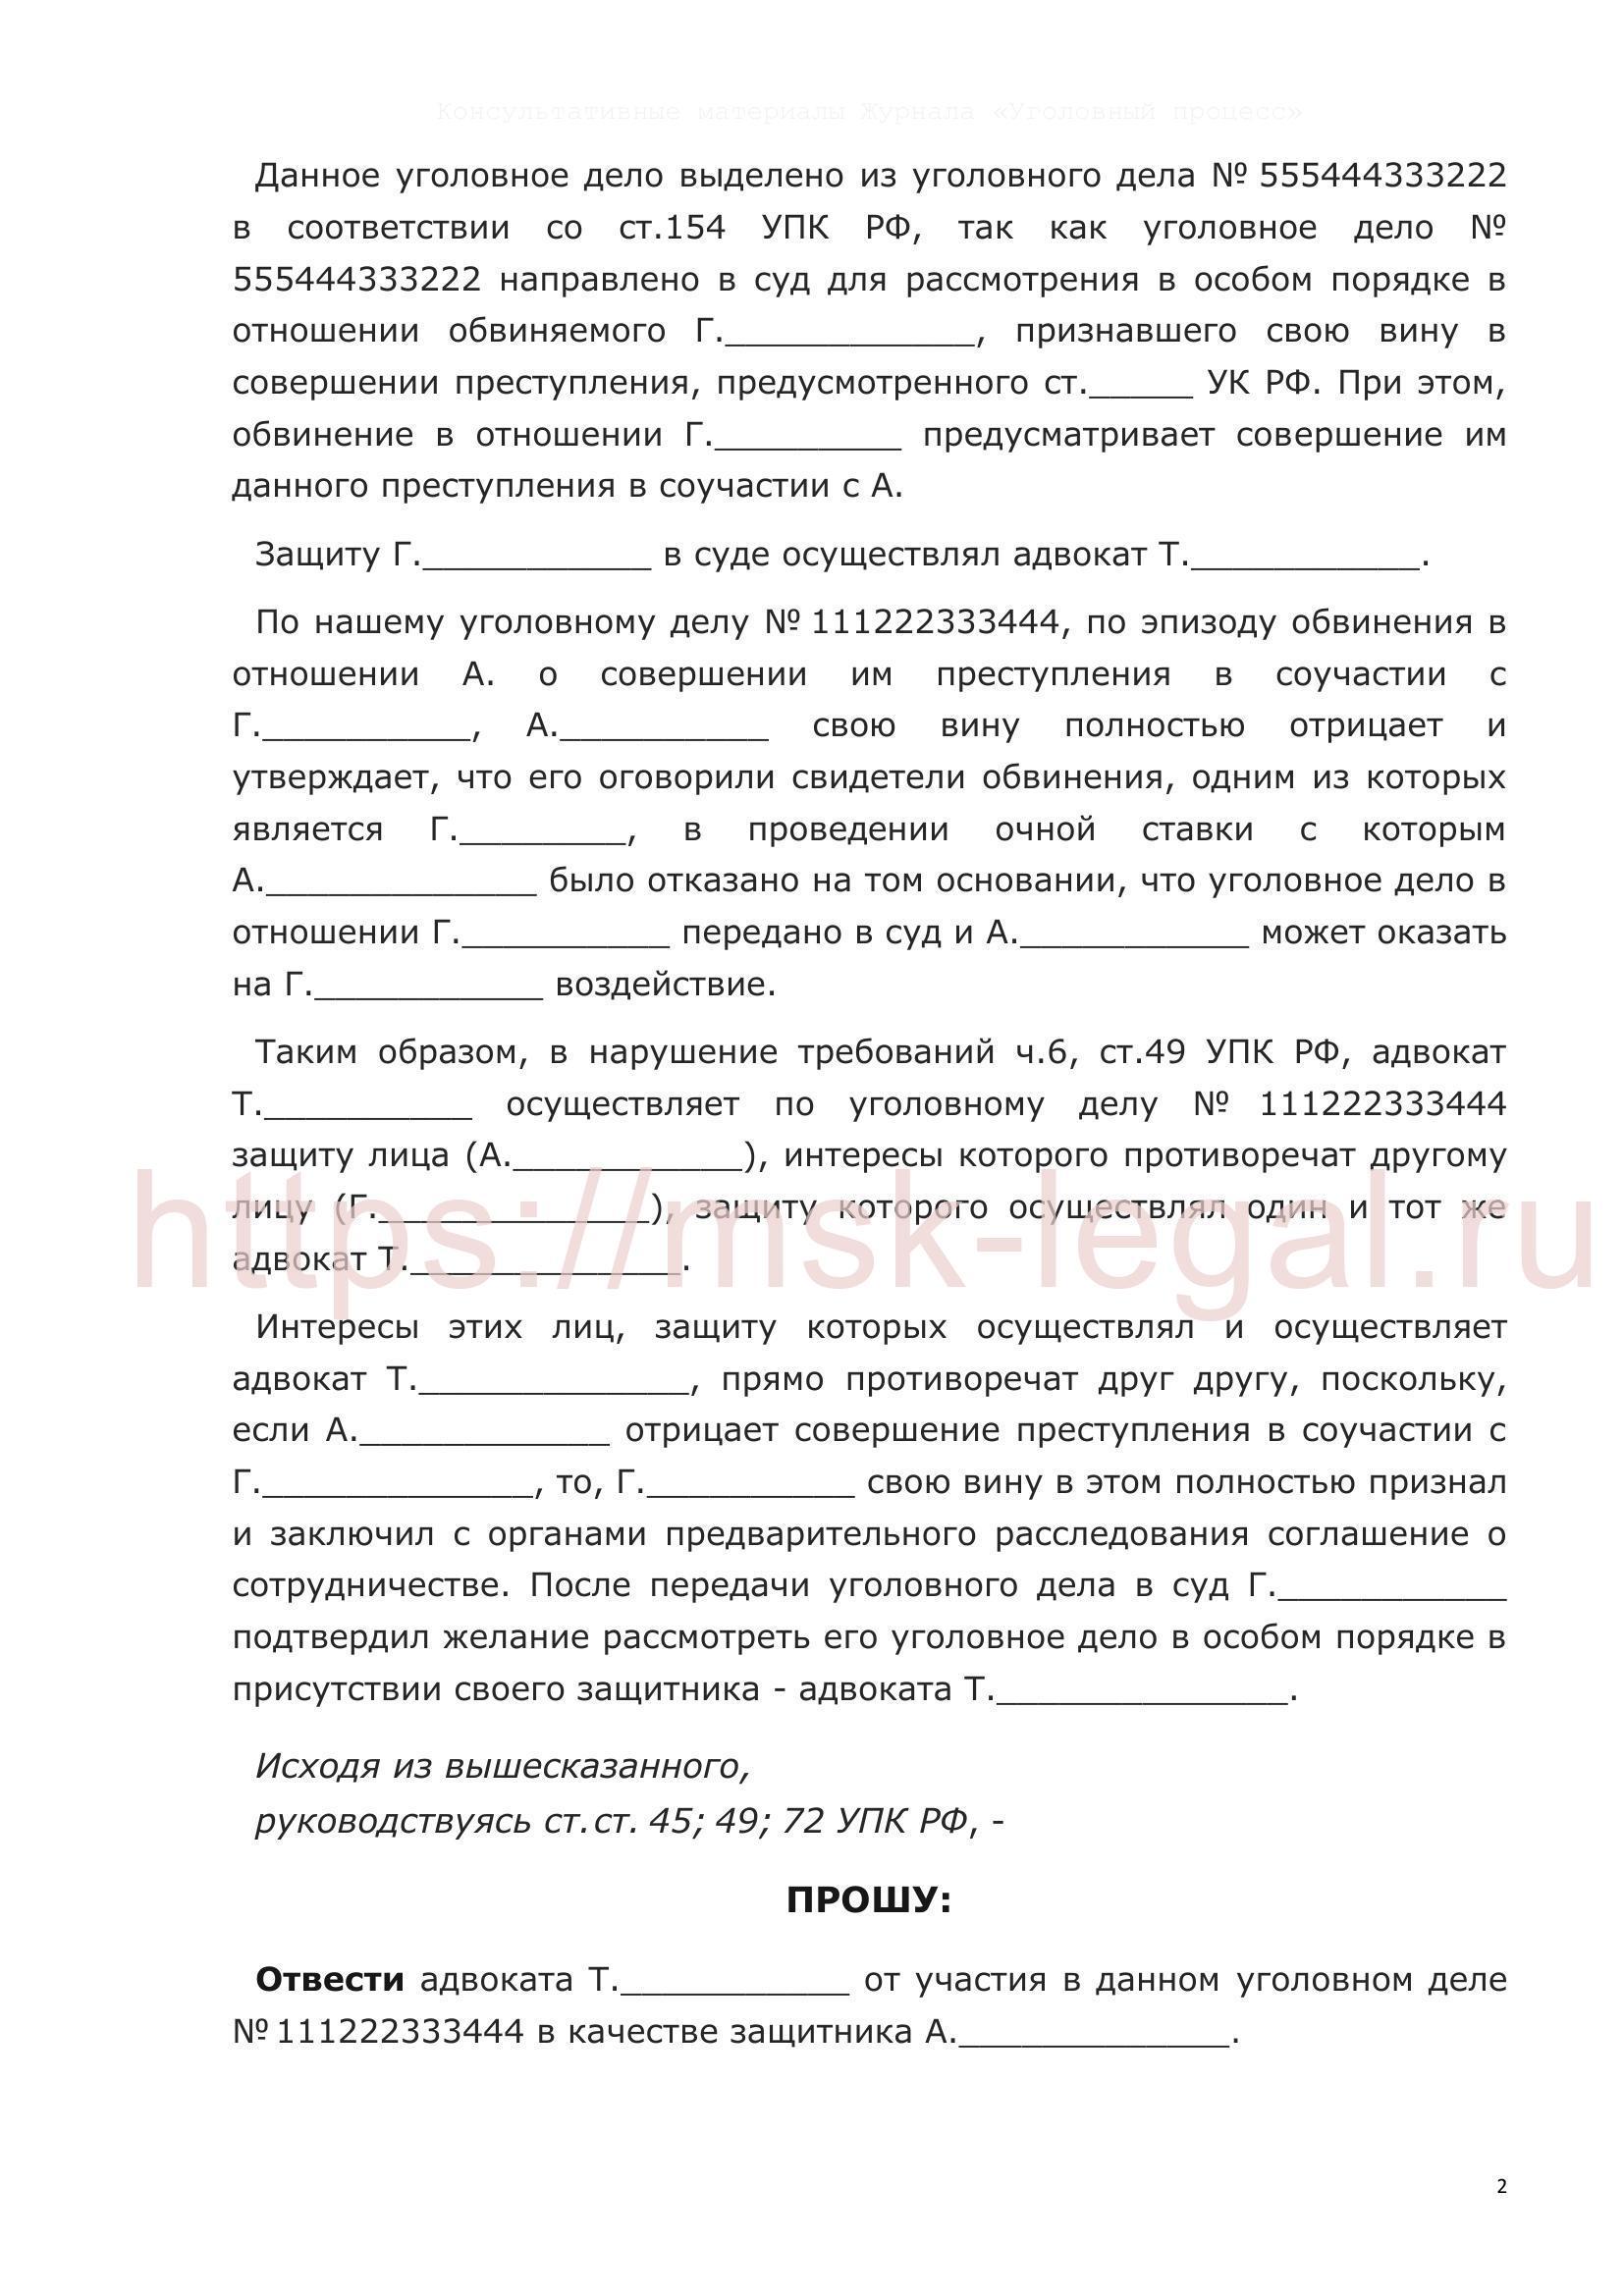 Ходатайство об отводе адвоката в соответствии со ст.72 УПК РФ